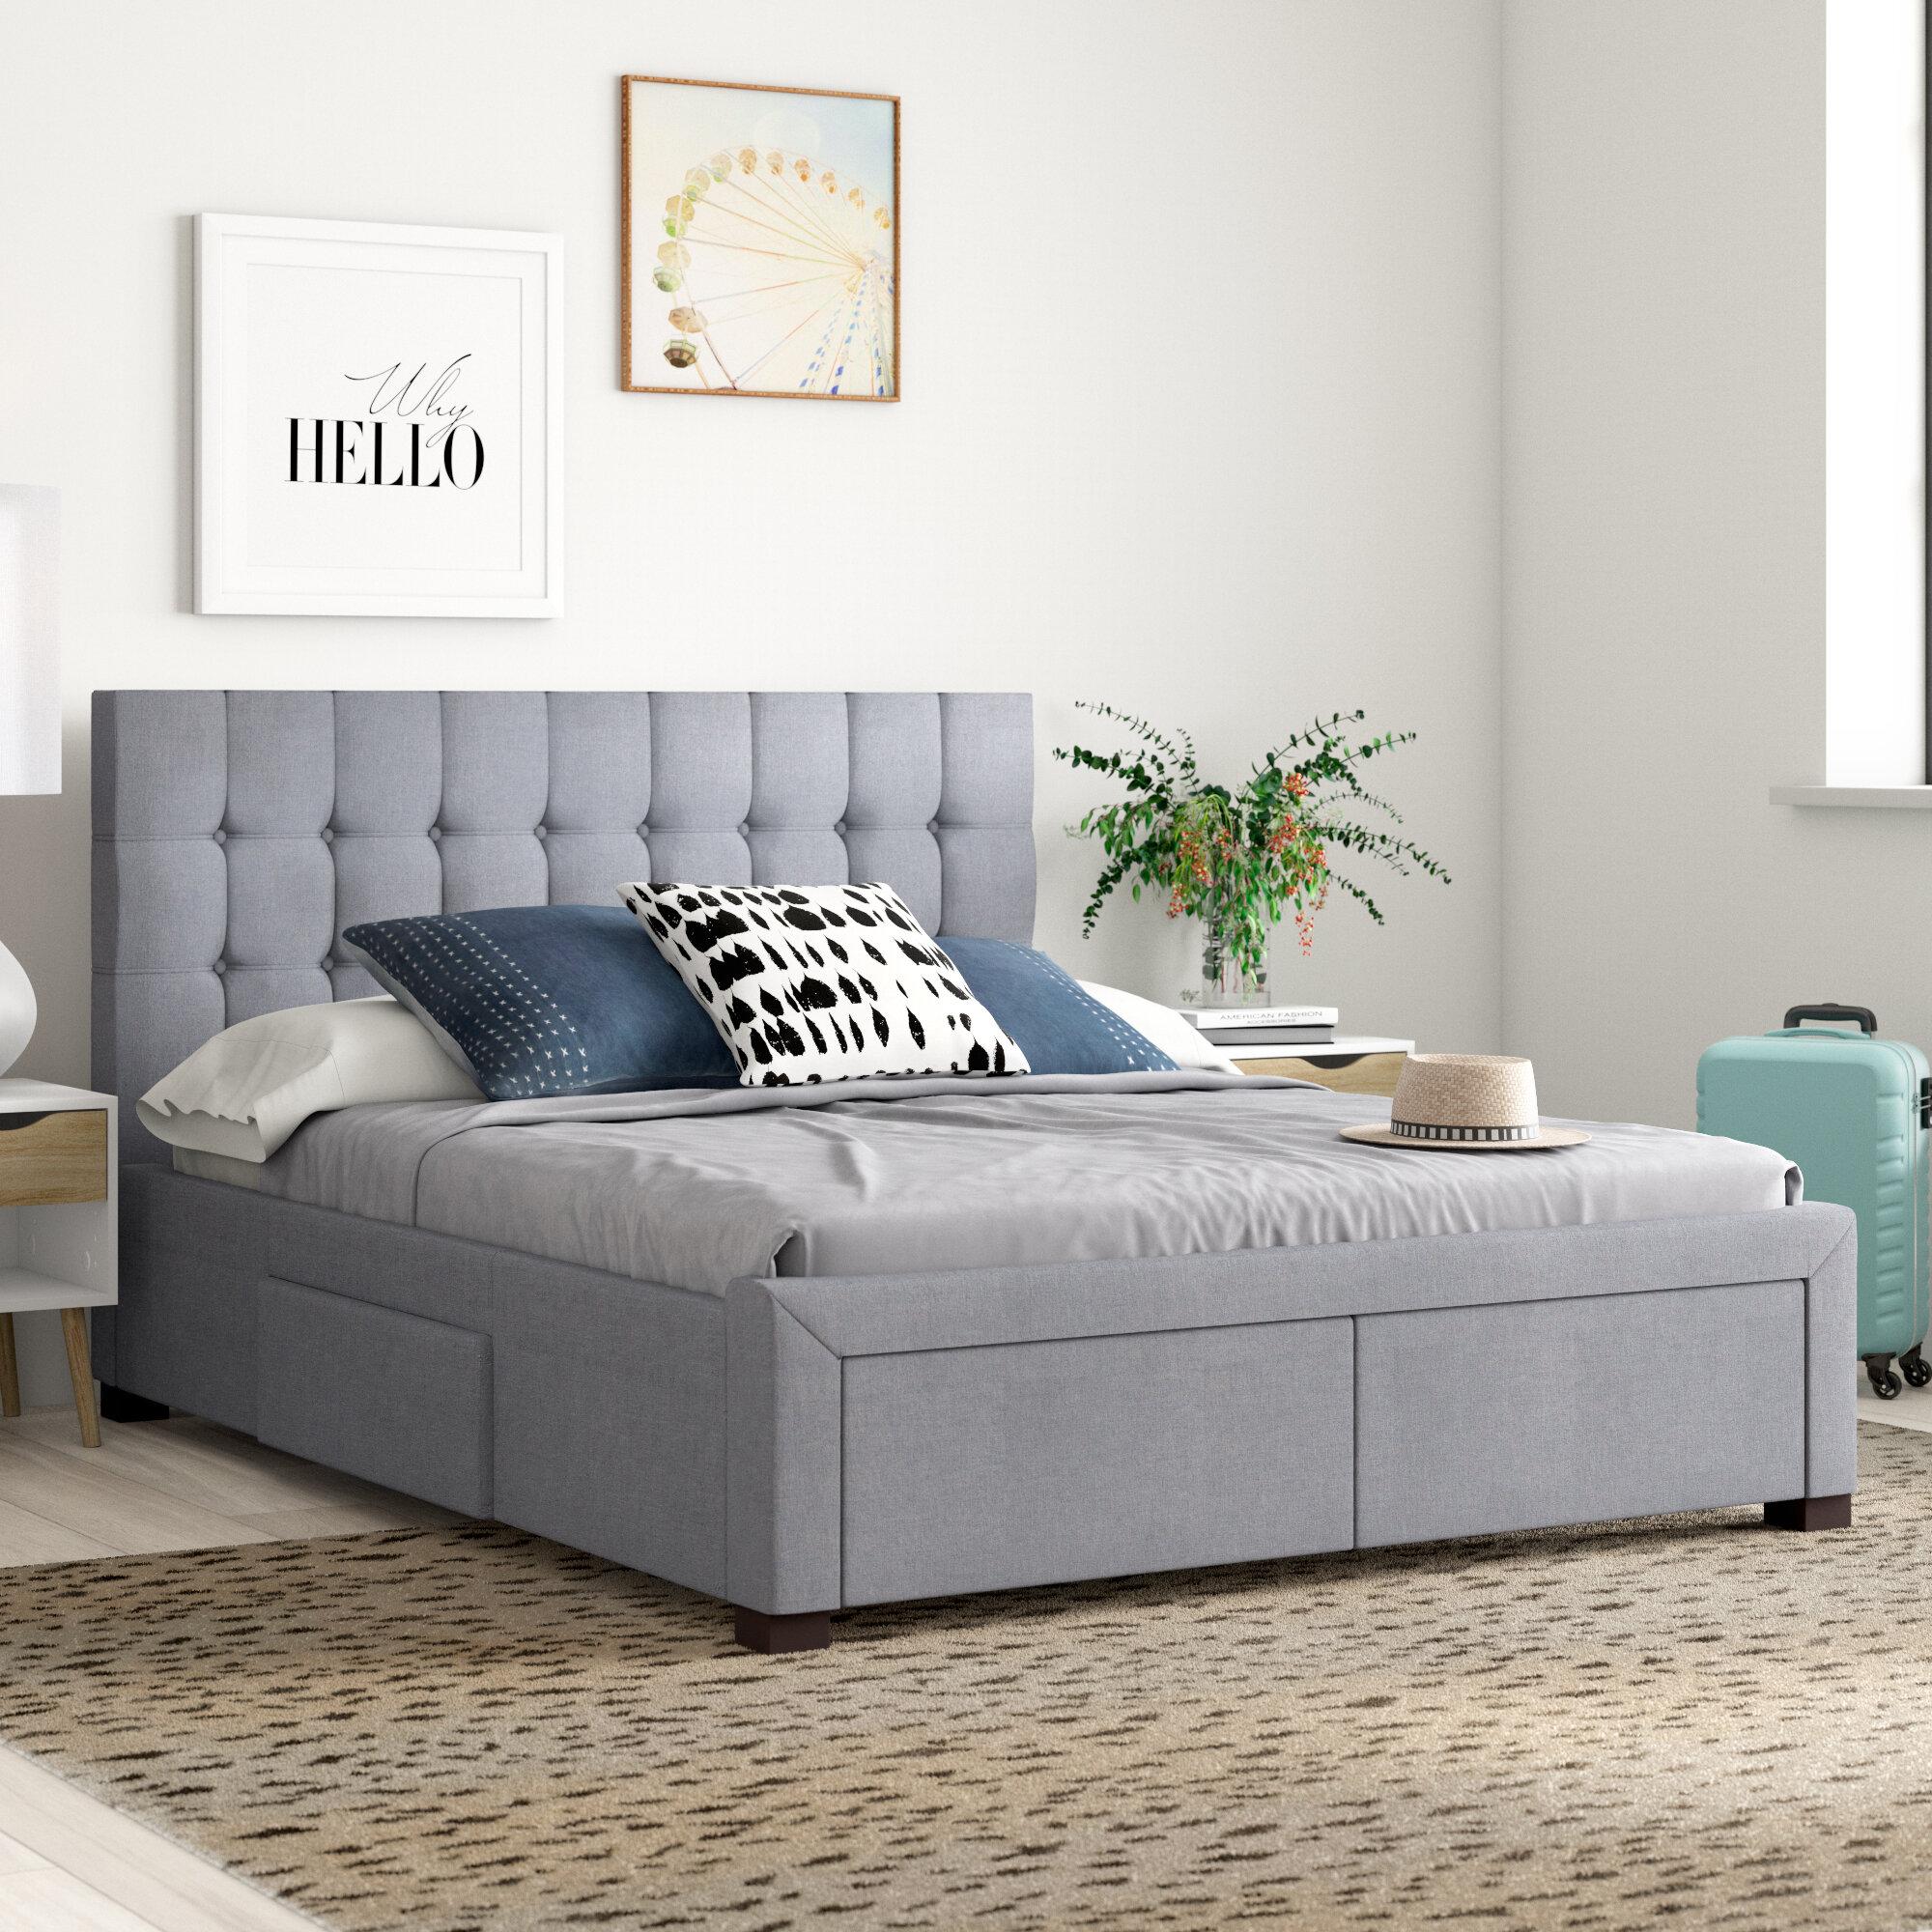 Lawson Upholstered Storage Platform Bed